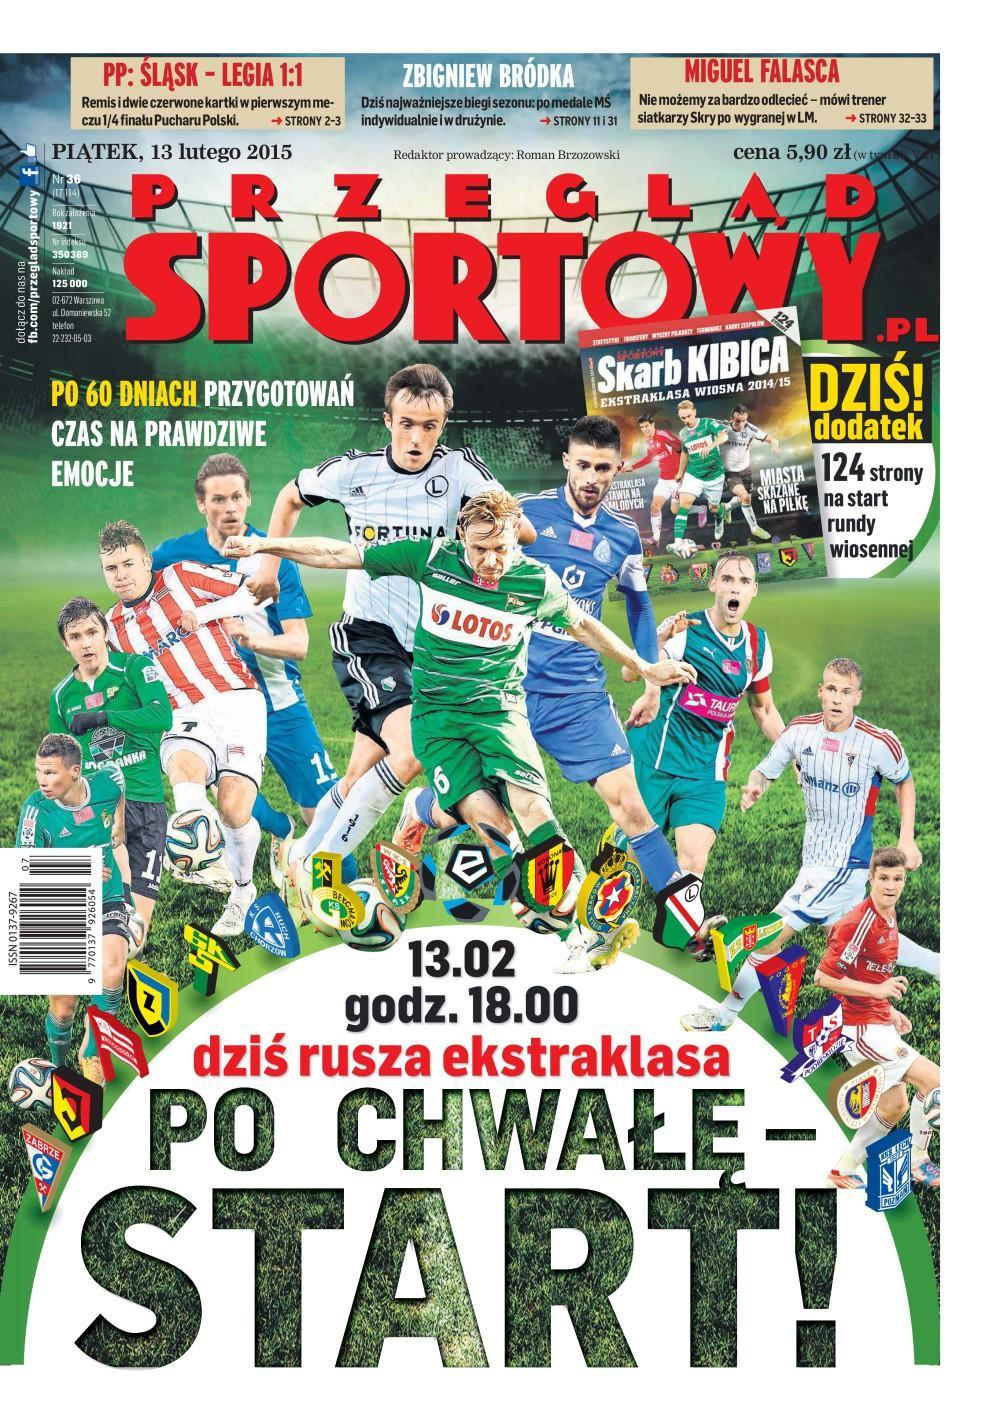 Okładka Przegląd Sportowy po meczu Śląsk Wrocław - Legia Warszawa 1:1 (12.02.2015).